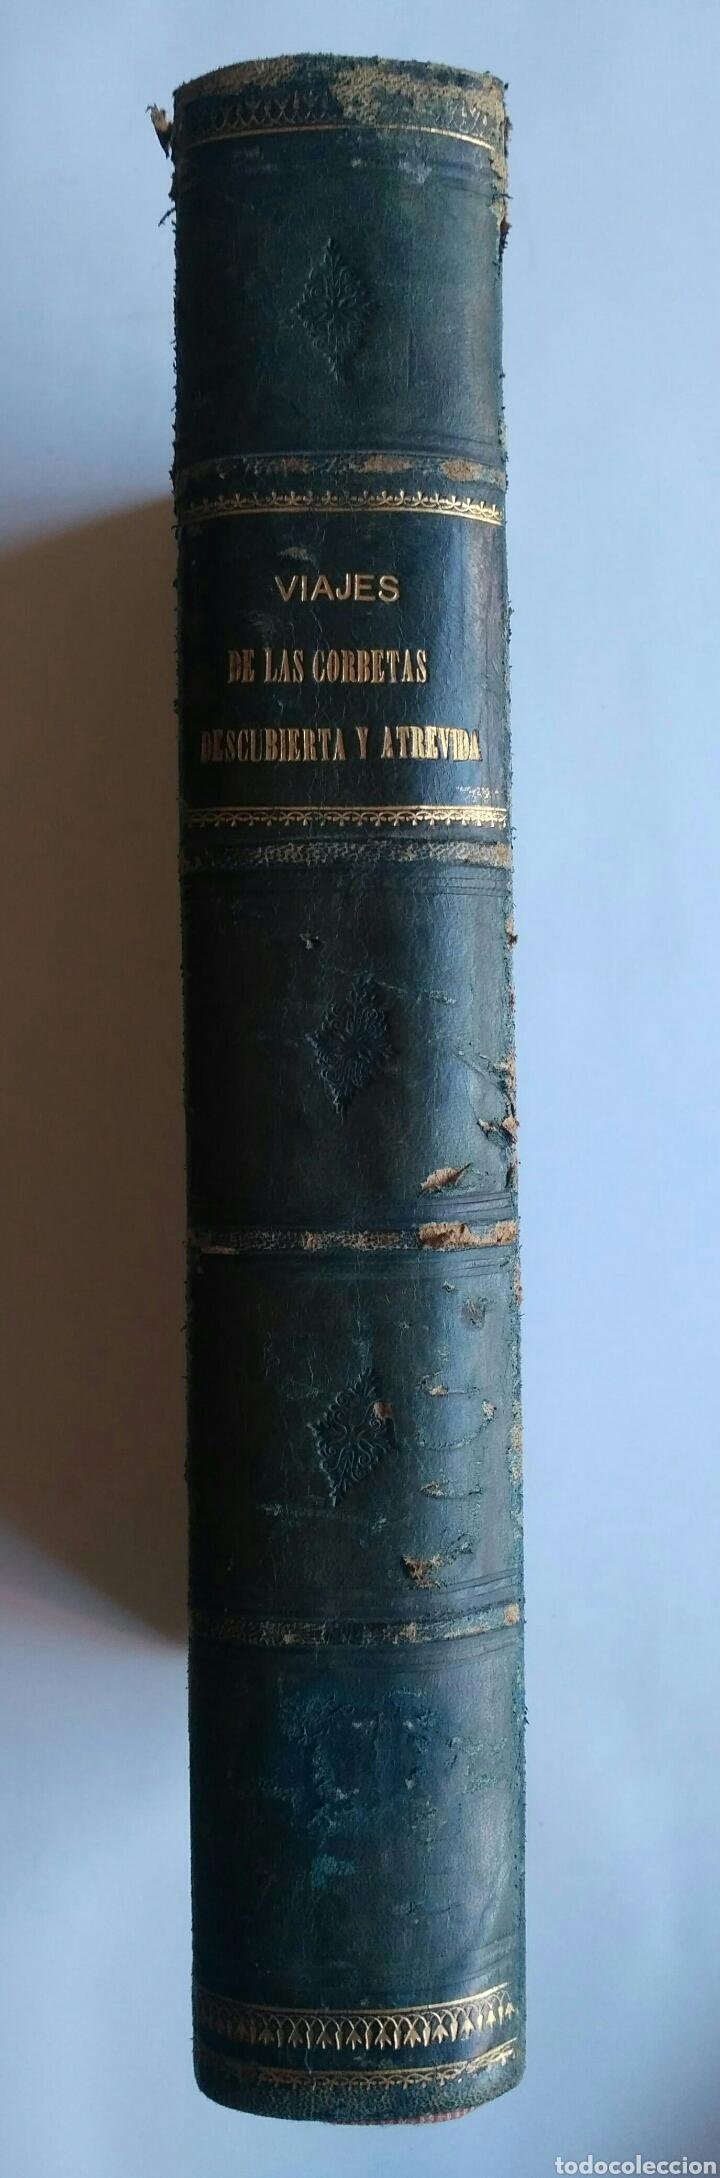 Libros antiguos: Viajes de las Corbetas Descubierta y Atrevida. Expedición Malaspina. Madrid, 1885. Primera edición. - Foto 3 - 183740995